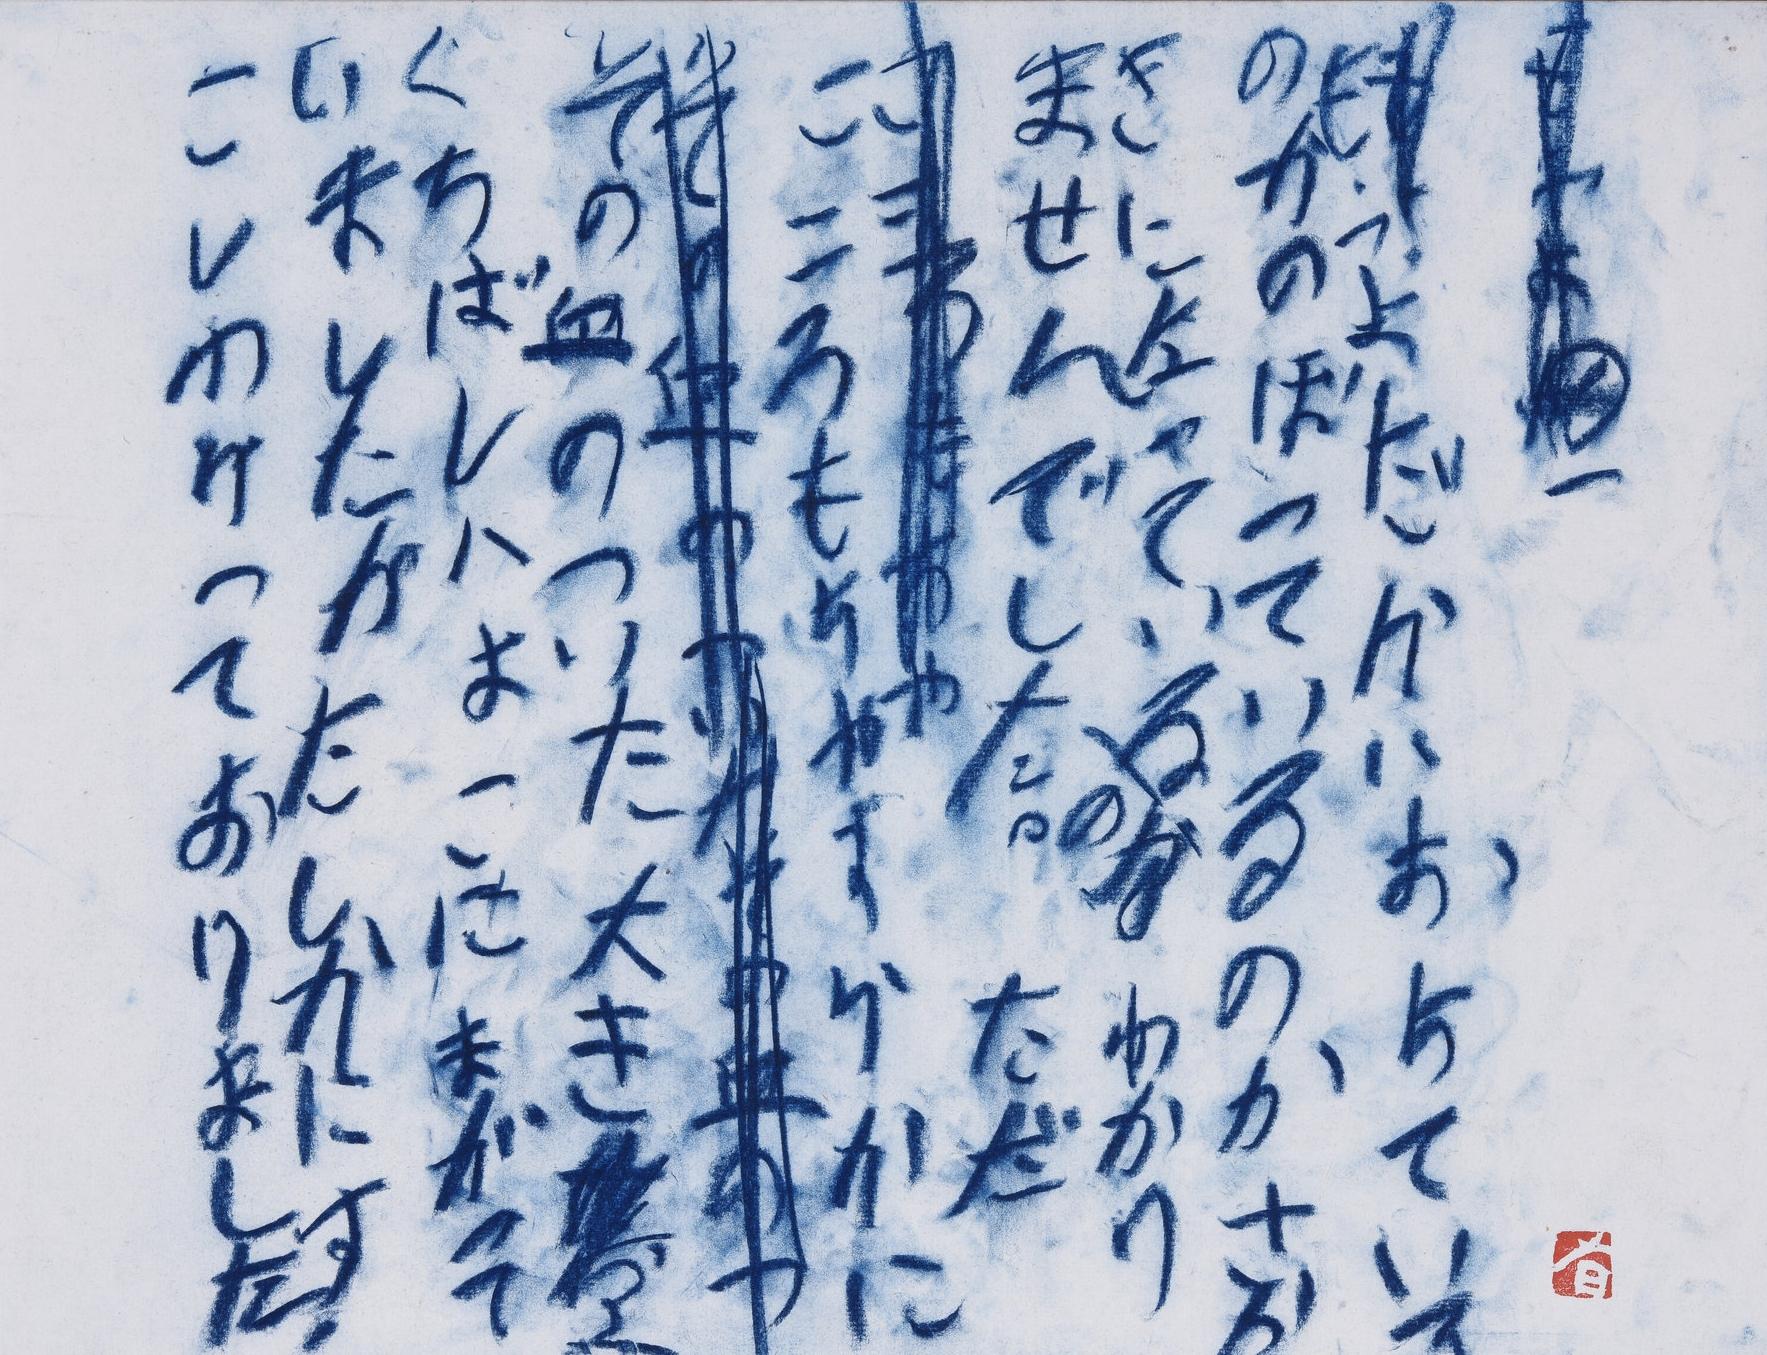 よだかの星 | Yodaka no Hoshi